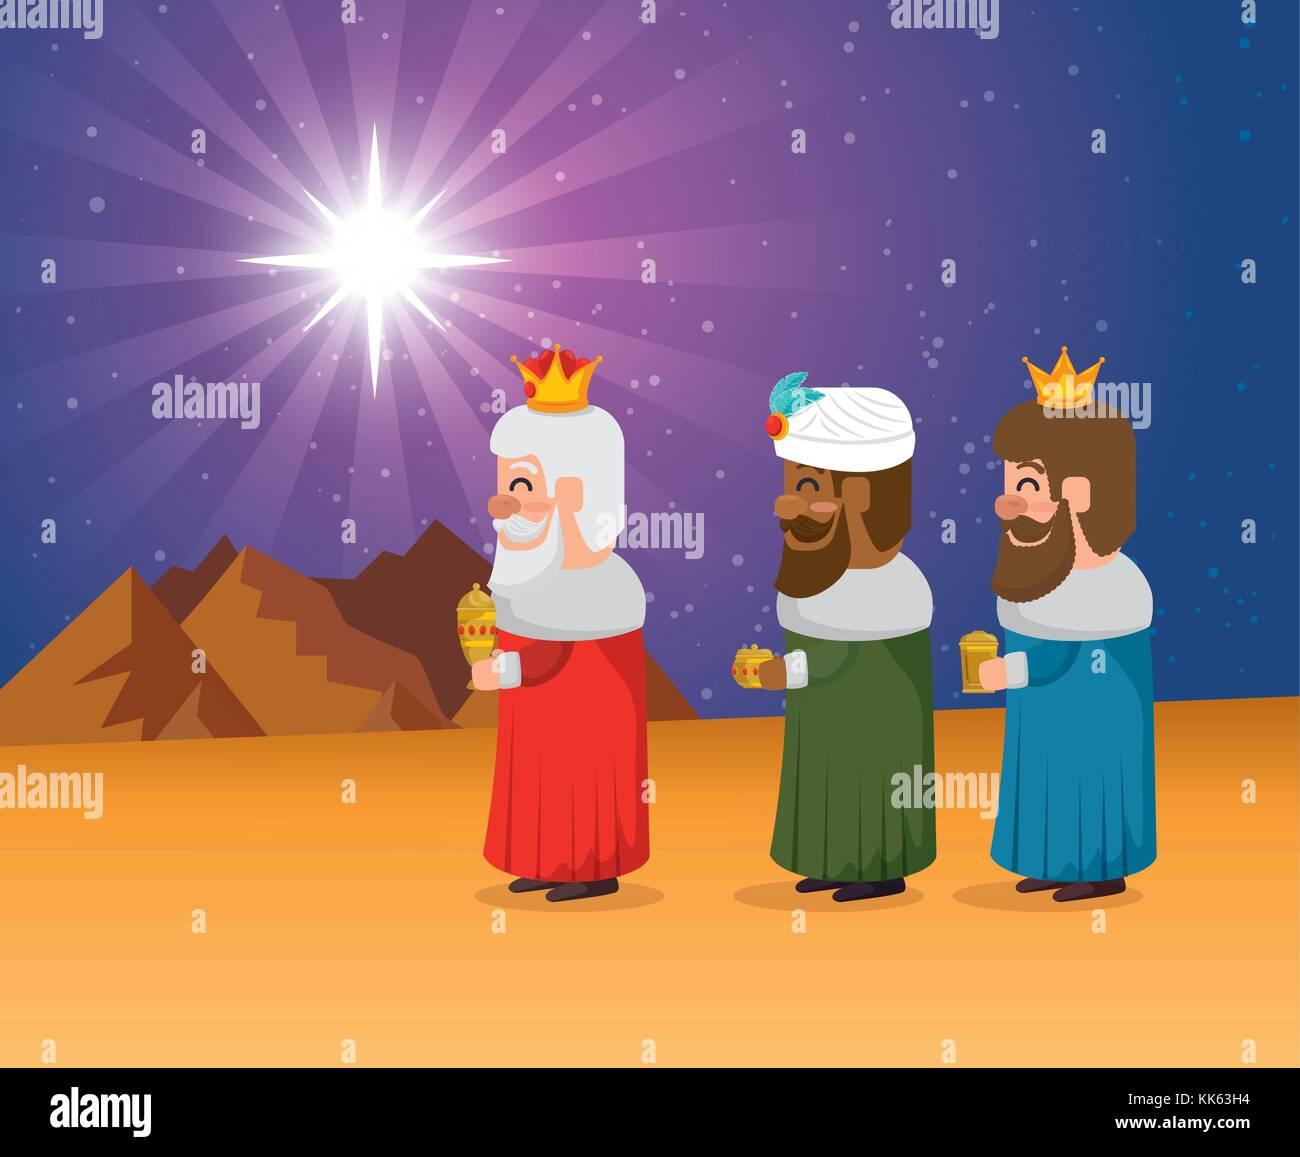 Ver Fotos De Los Reyes Magos De Oriente.Los Reyes Magos De Oriente Dibujos Animados Ilustracion Del